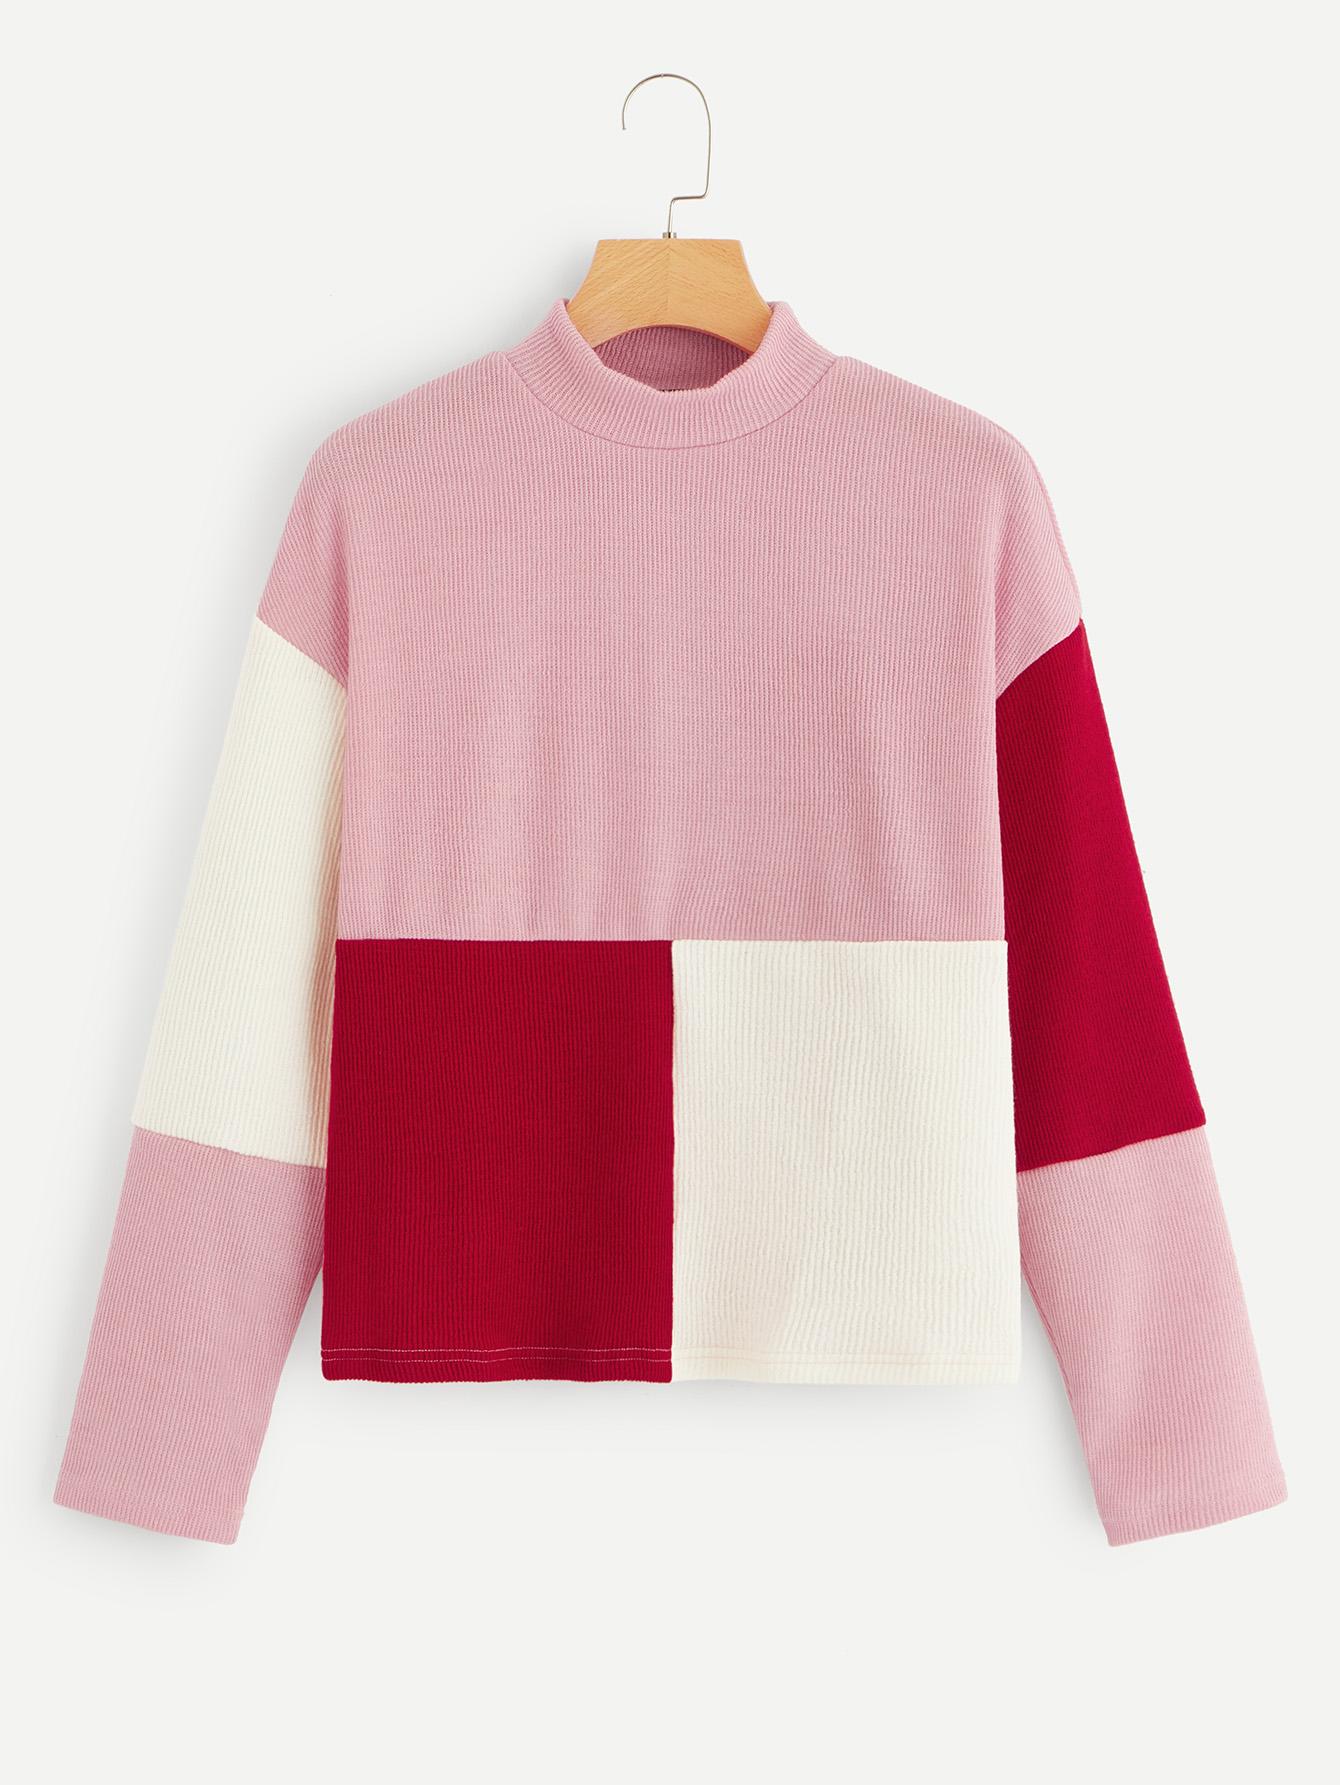 Купить Вязяный ребристый контрастный пуловер со стоячим воротником, null, SheIn